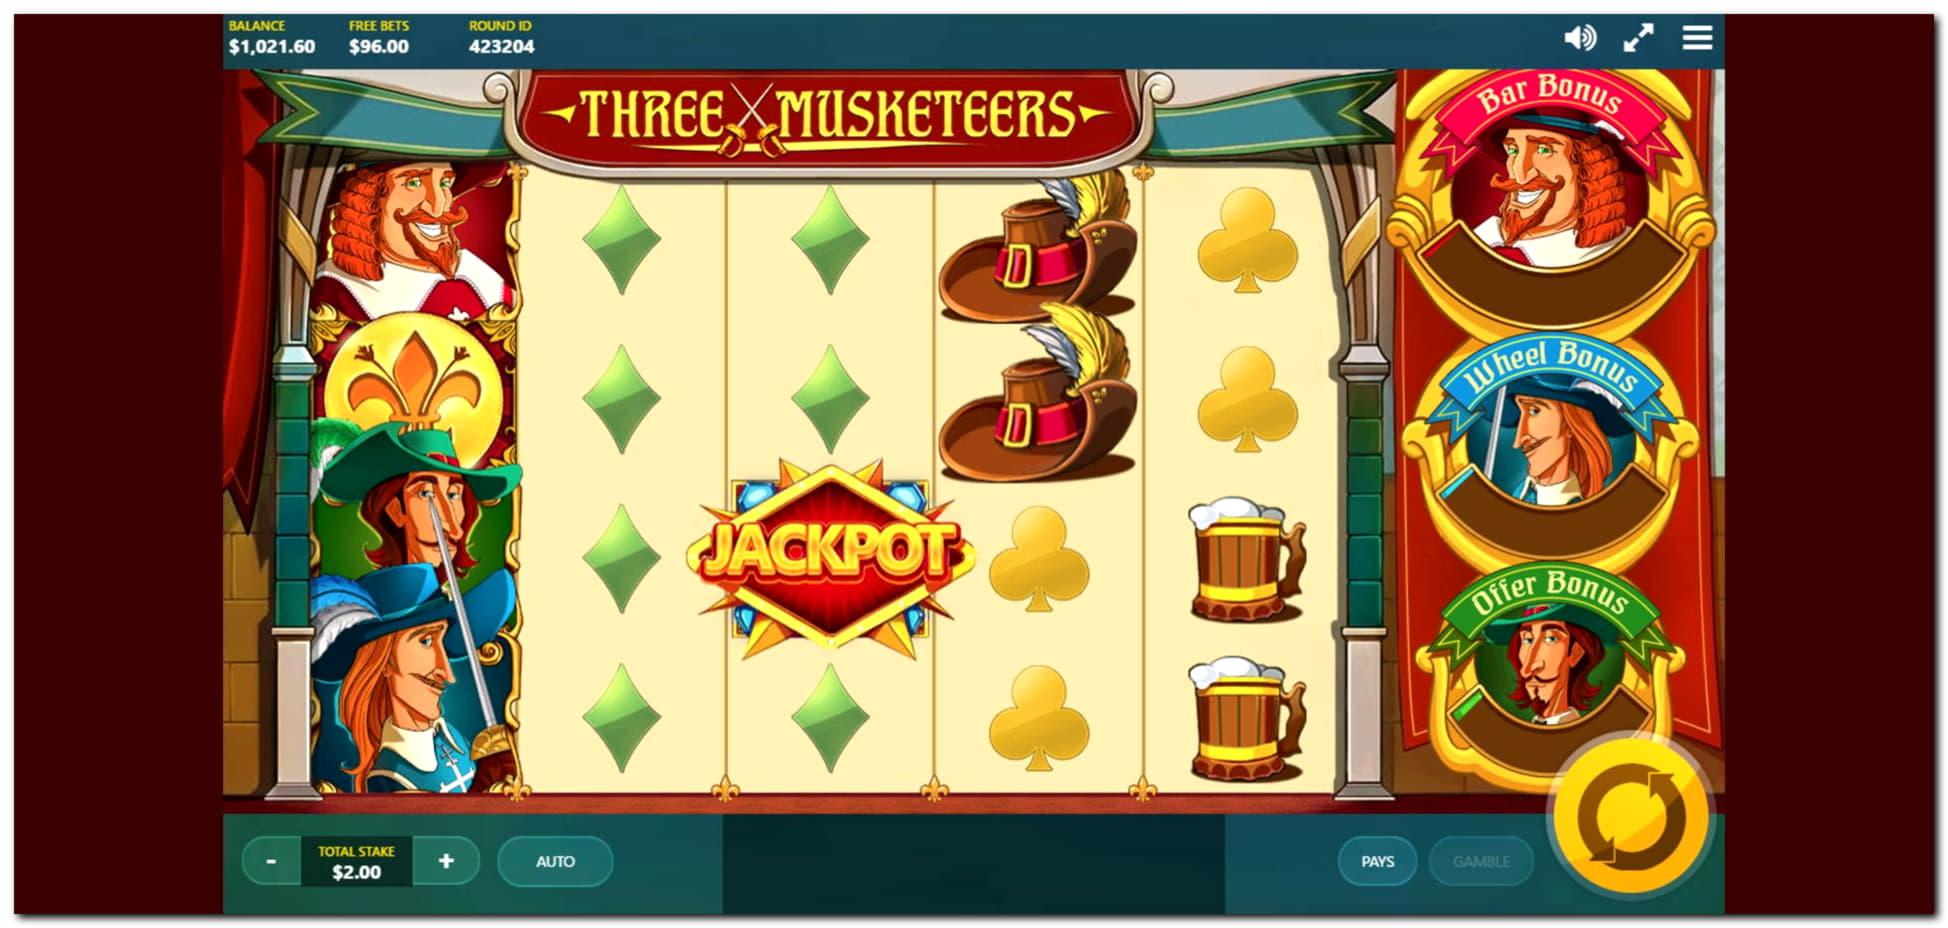 EURO 270 FREE Casino Chip at Alf Casino